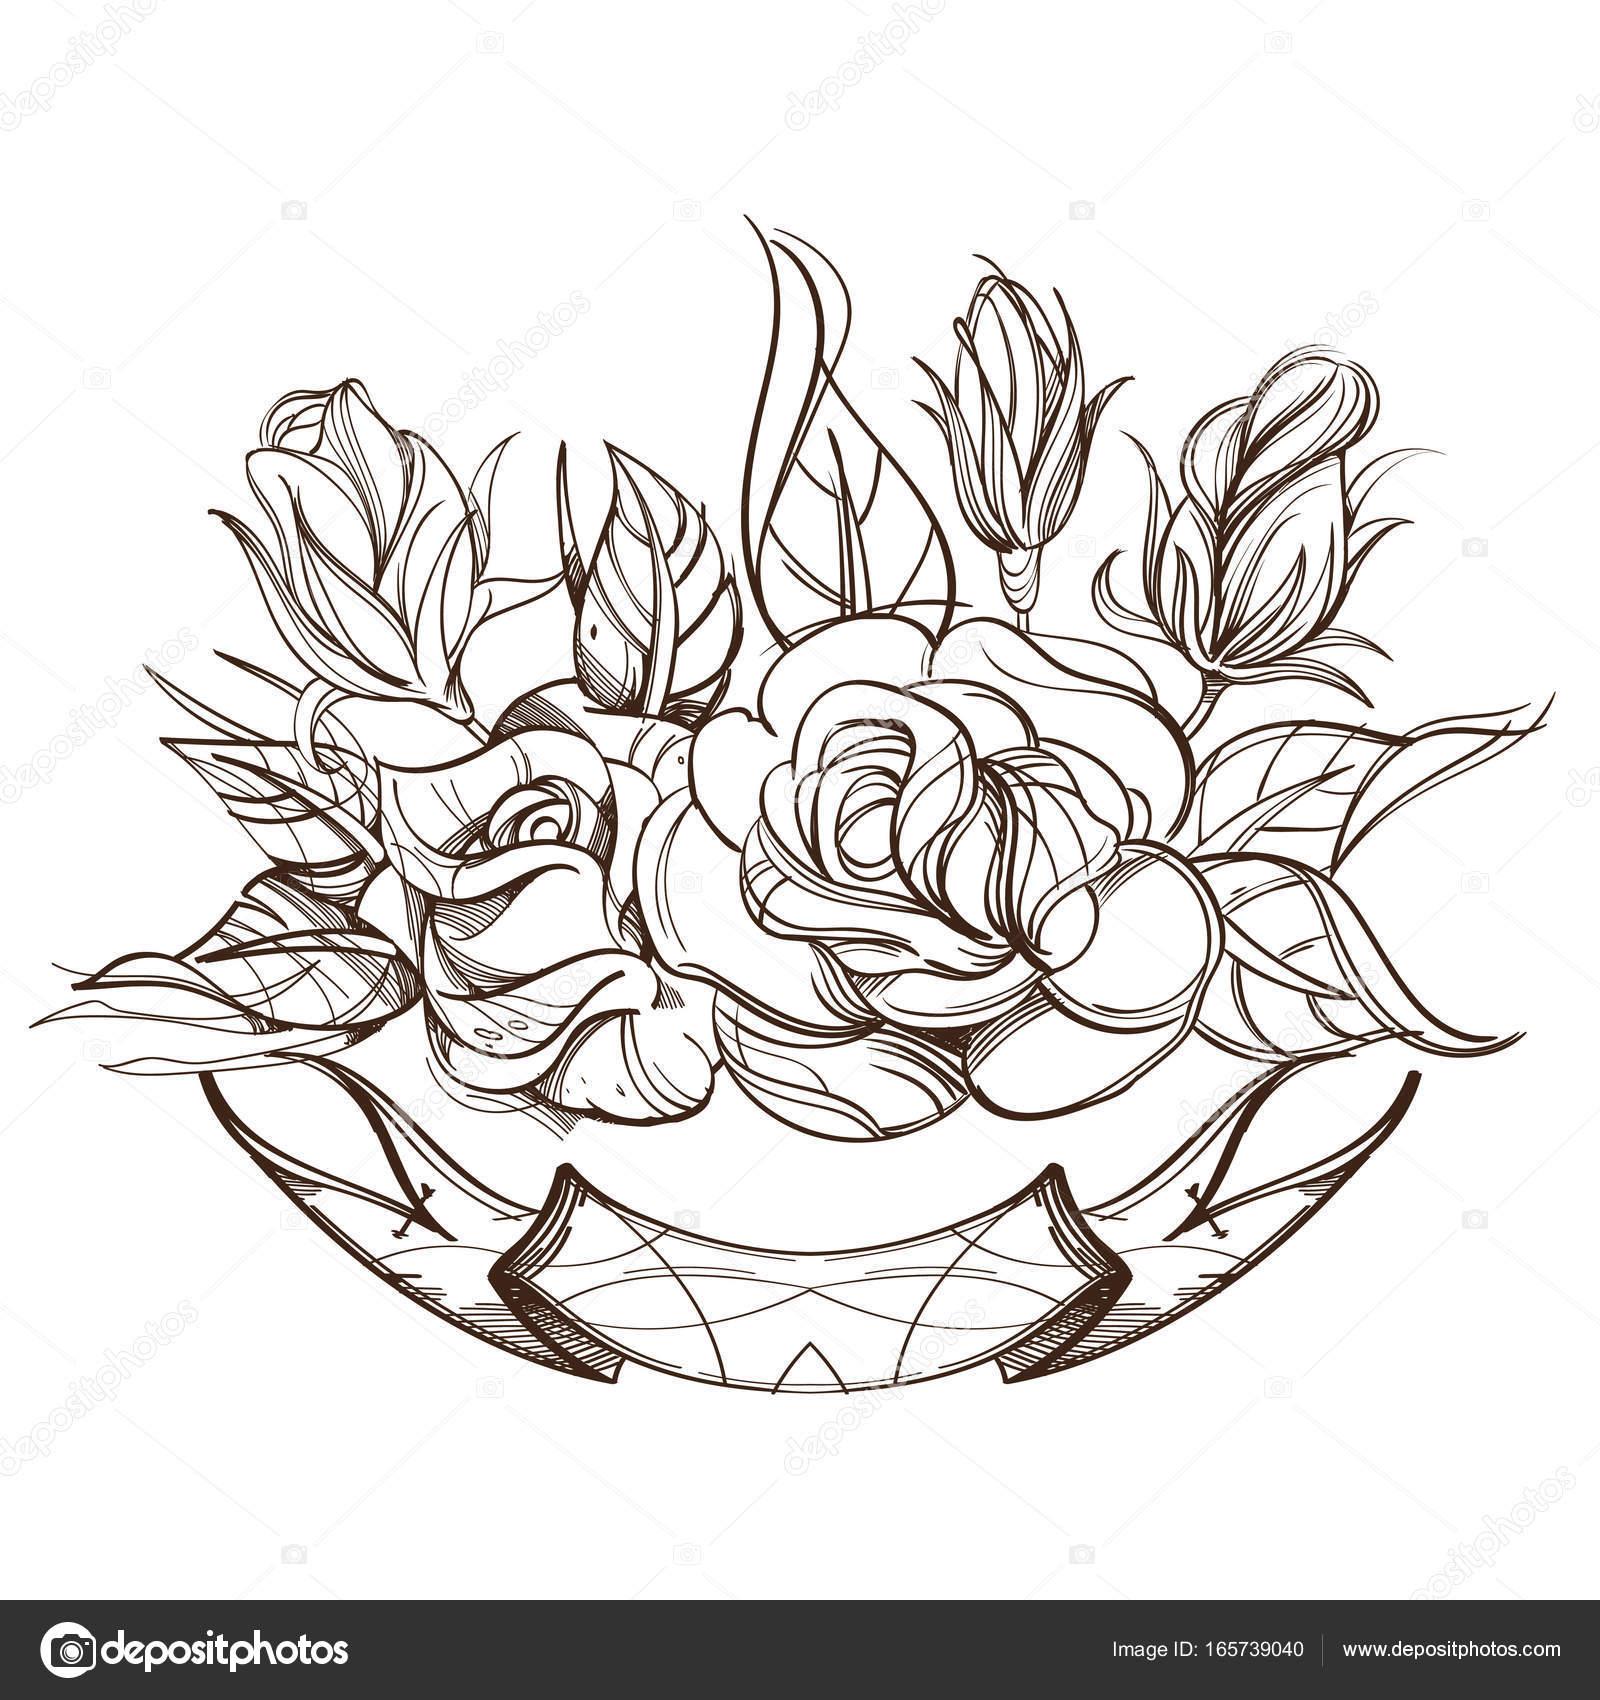 Imágenes Petalos De Rosa Para Colorear Rosas De Dibujado A Mano